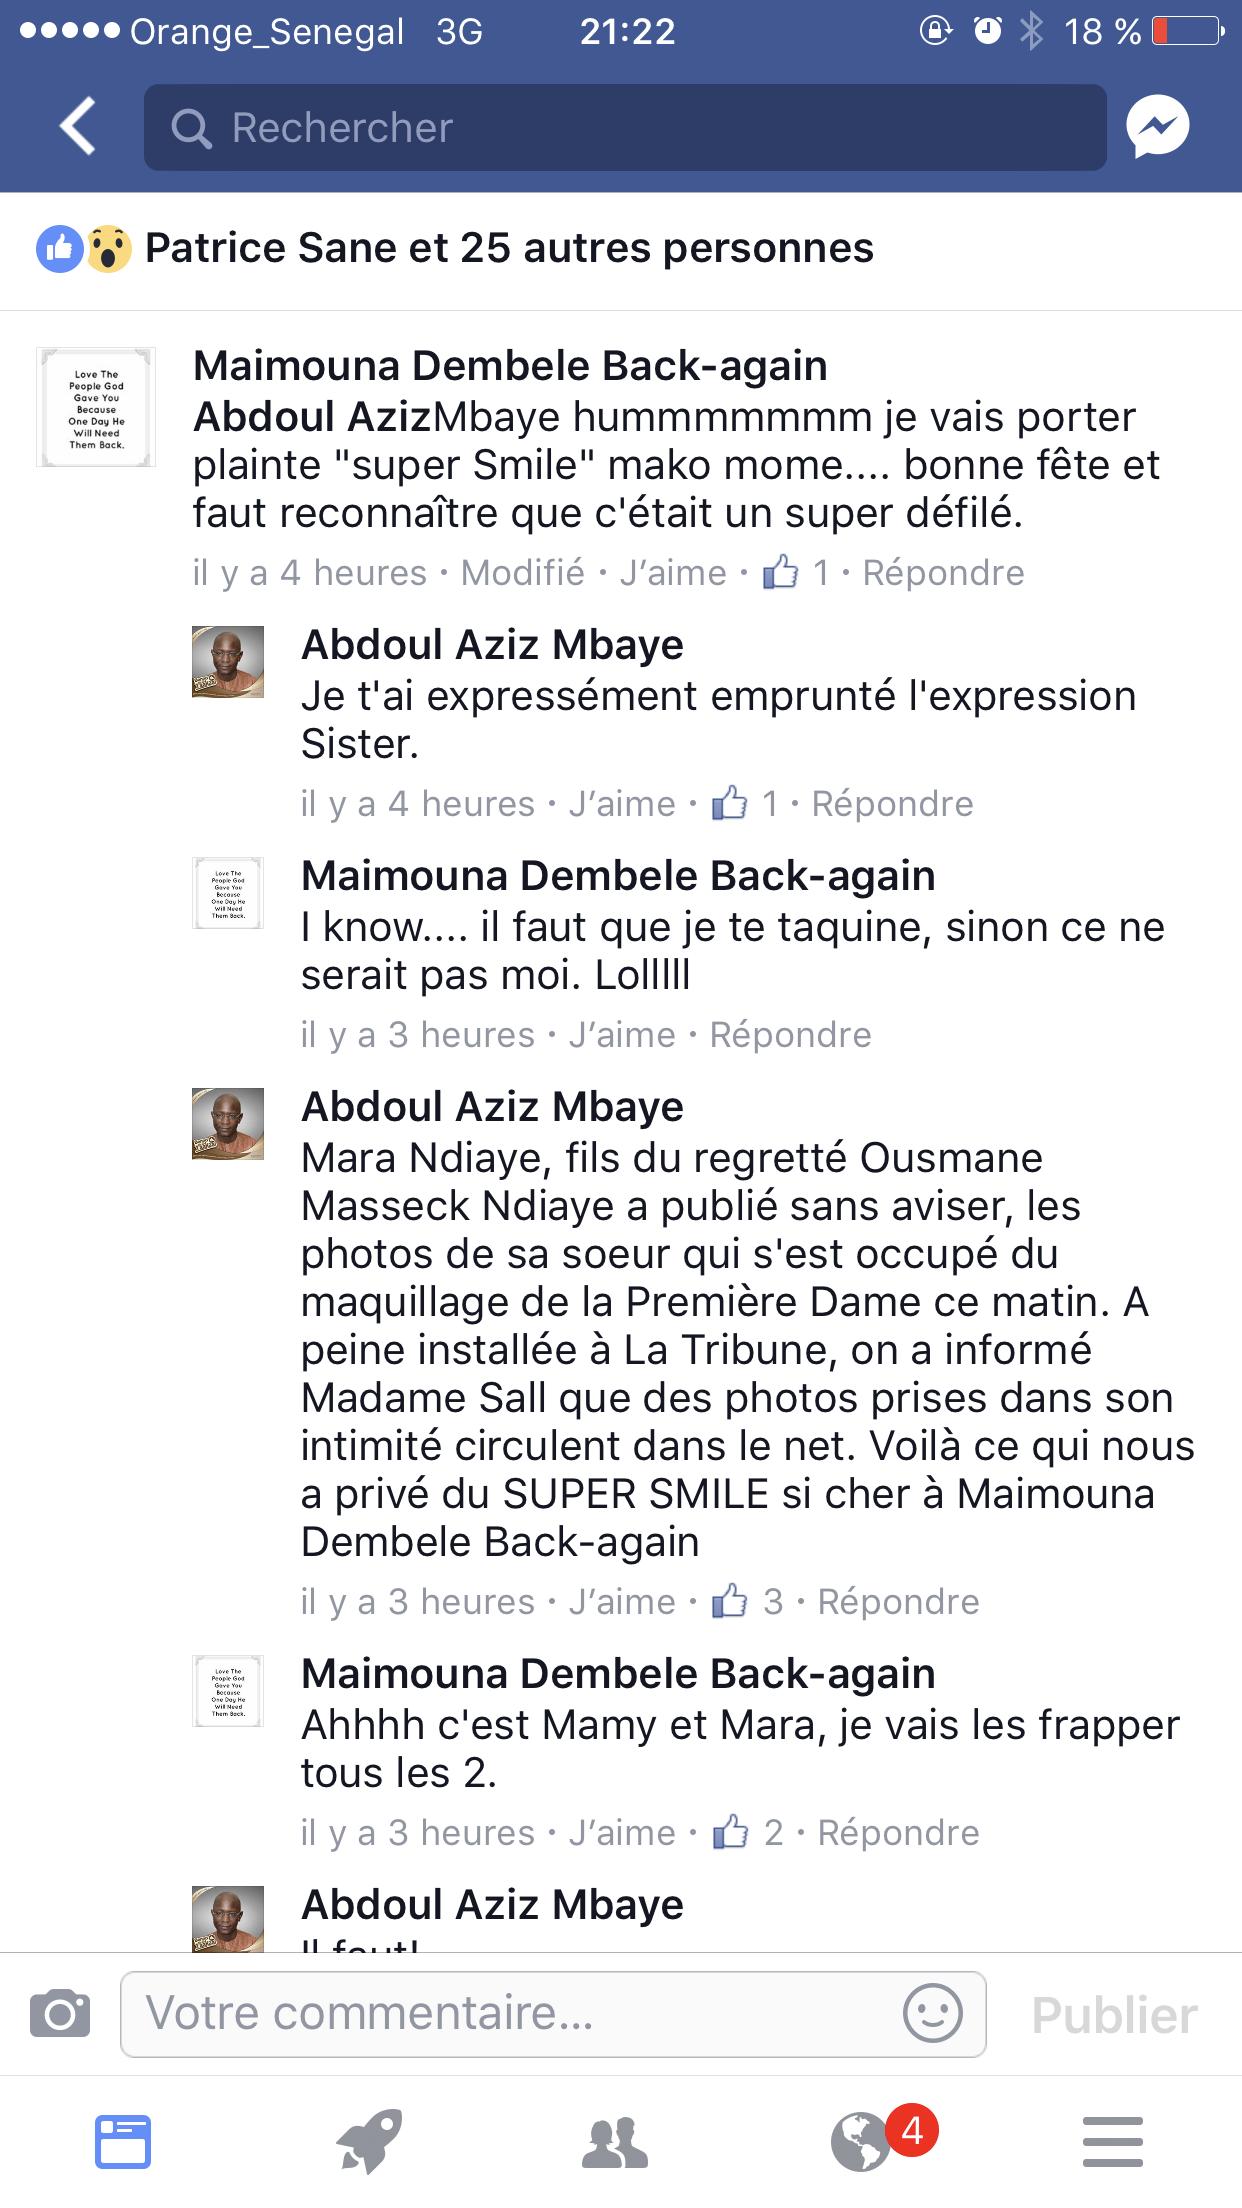 Défilé 4 avril: Les raisons de la mine sévère de Marième Faye Sall très commentée sur Facebook